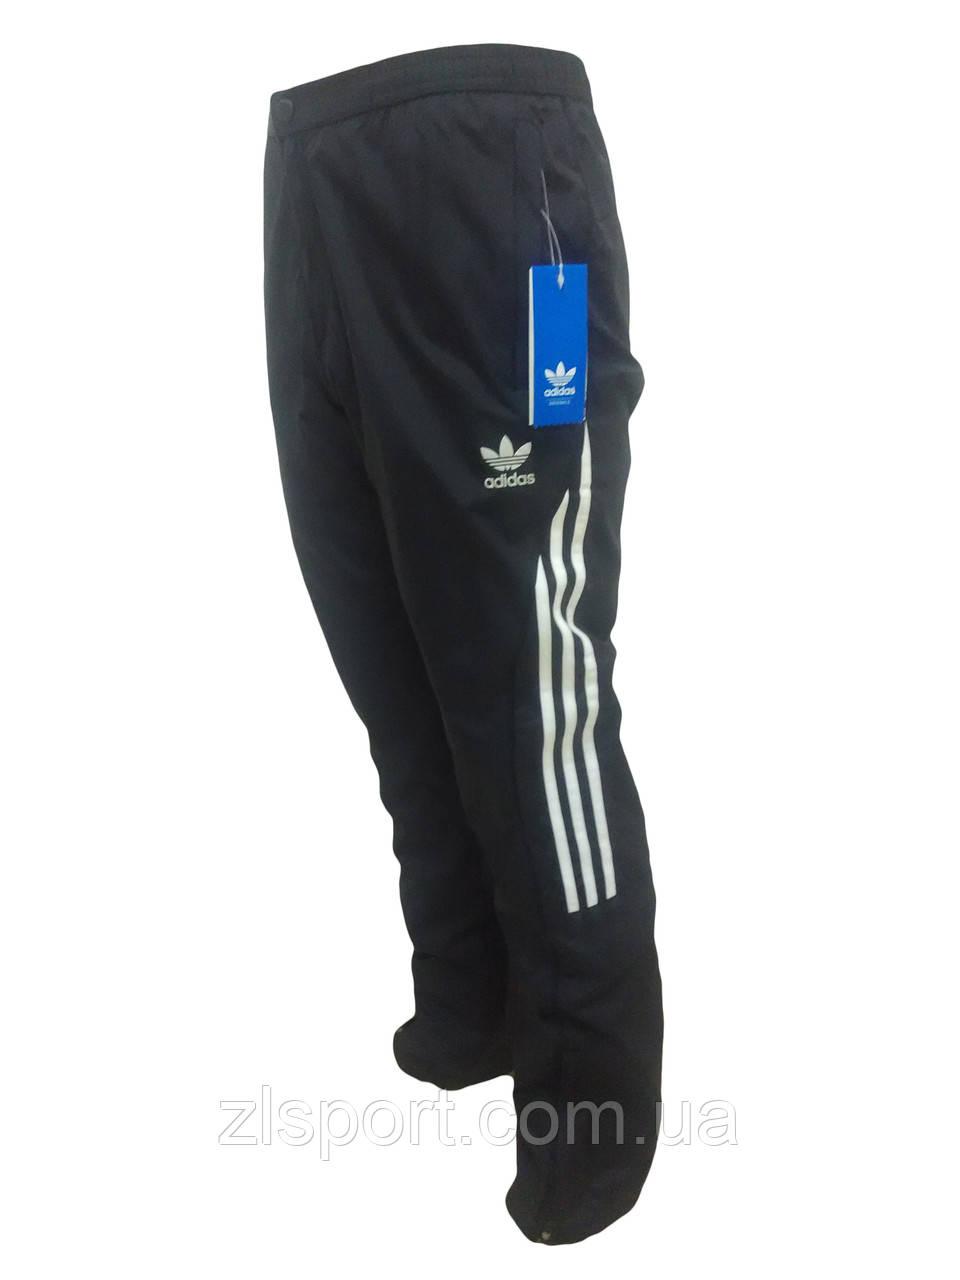 Спортивная одежда брюки доставка